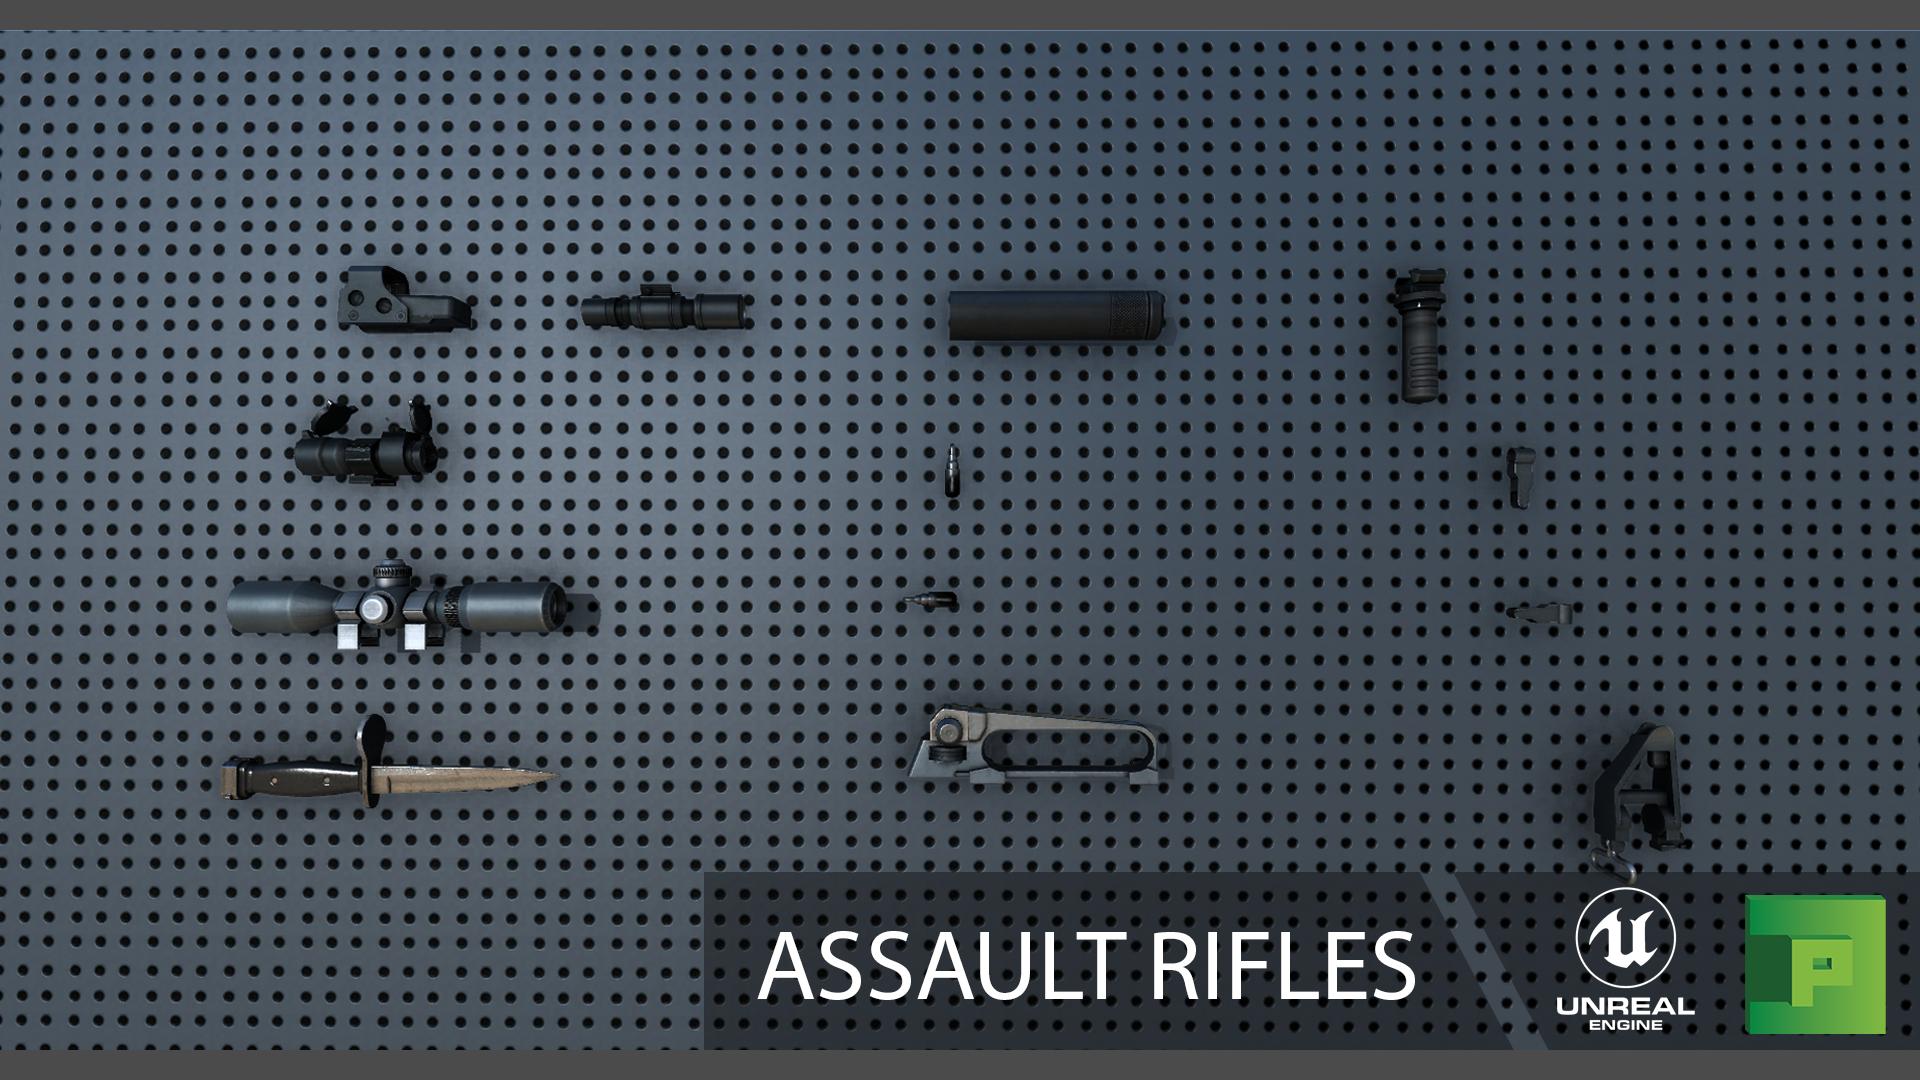 AssaultRifles_New_09